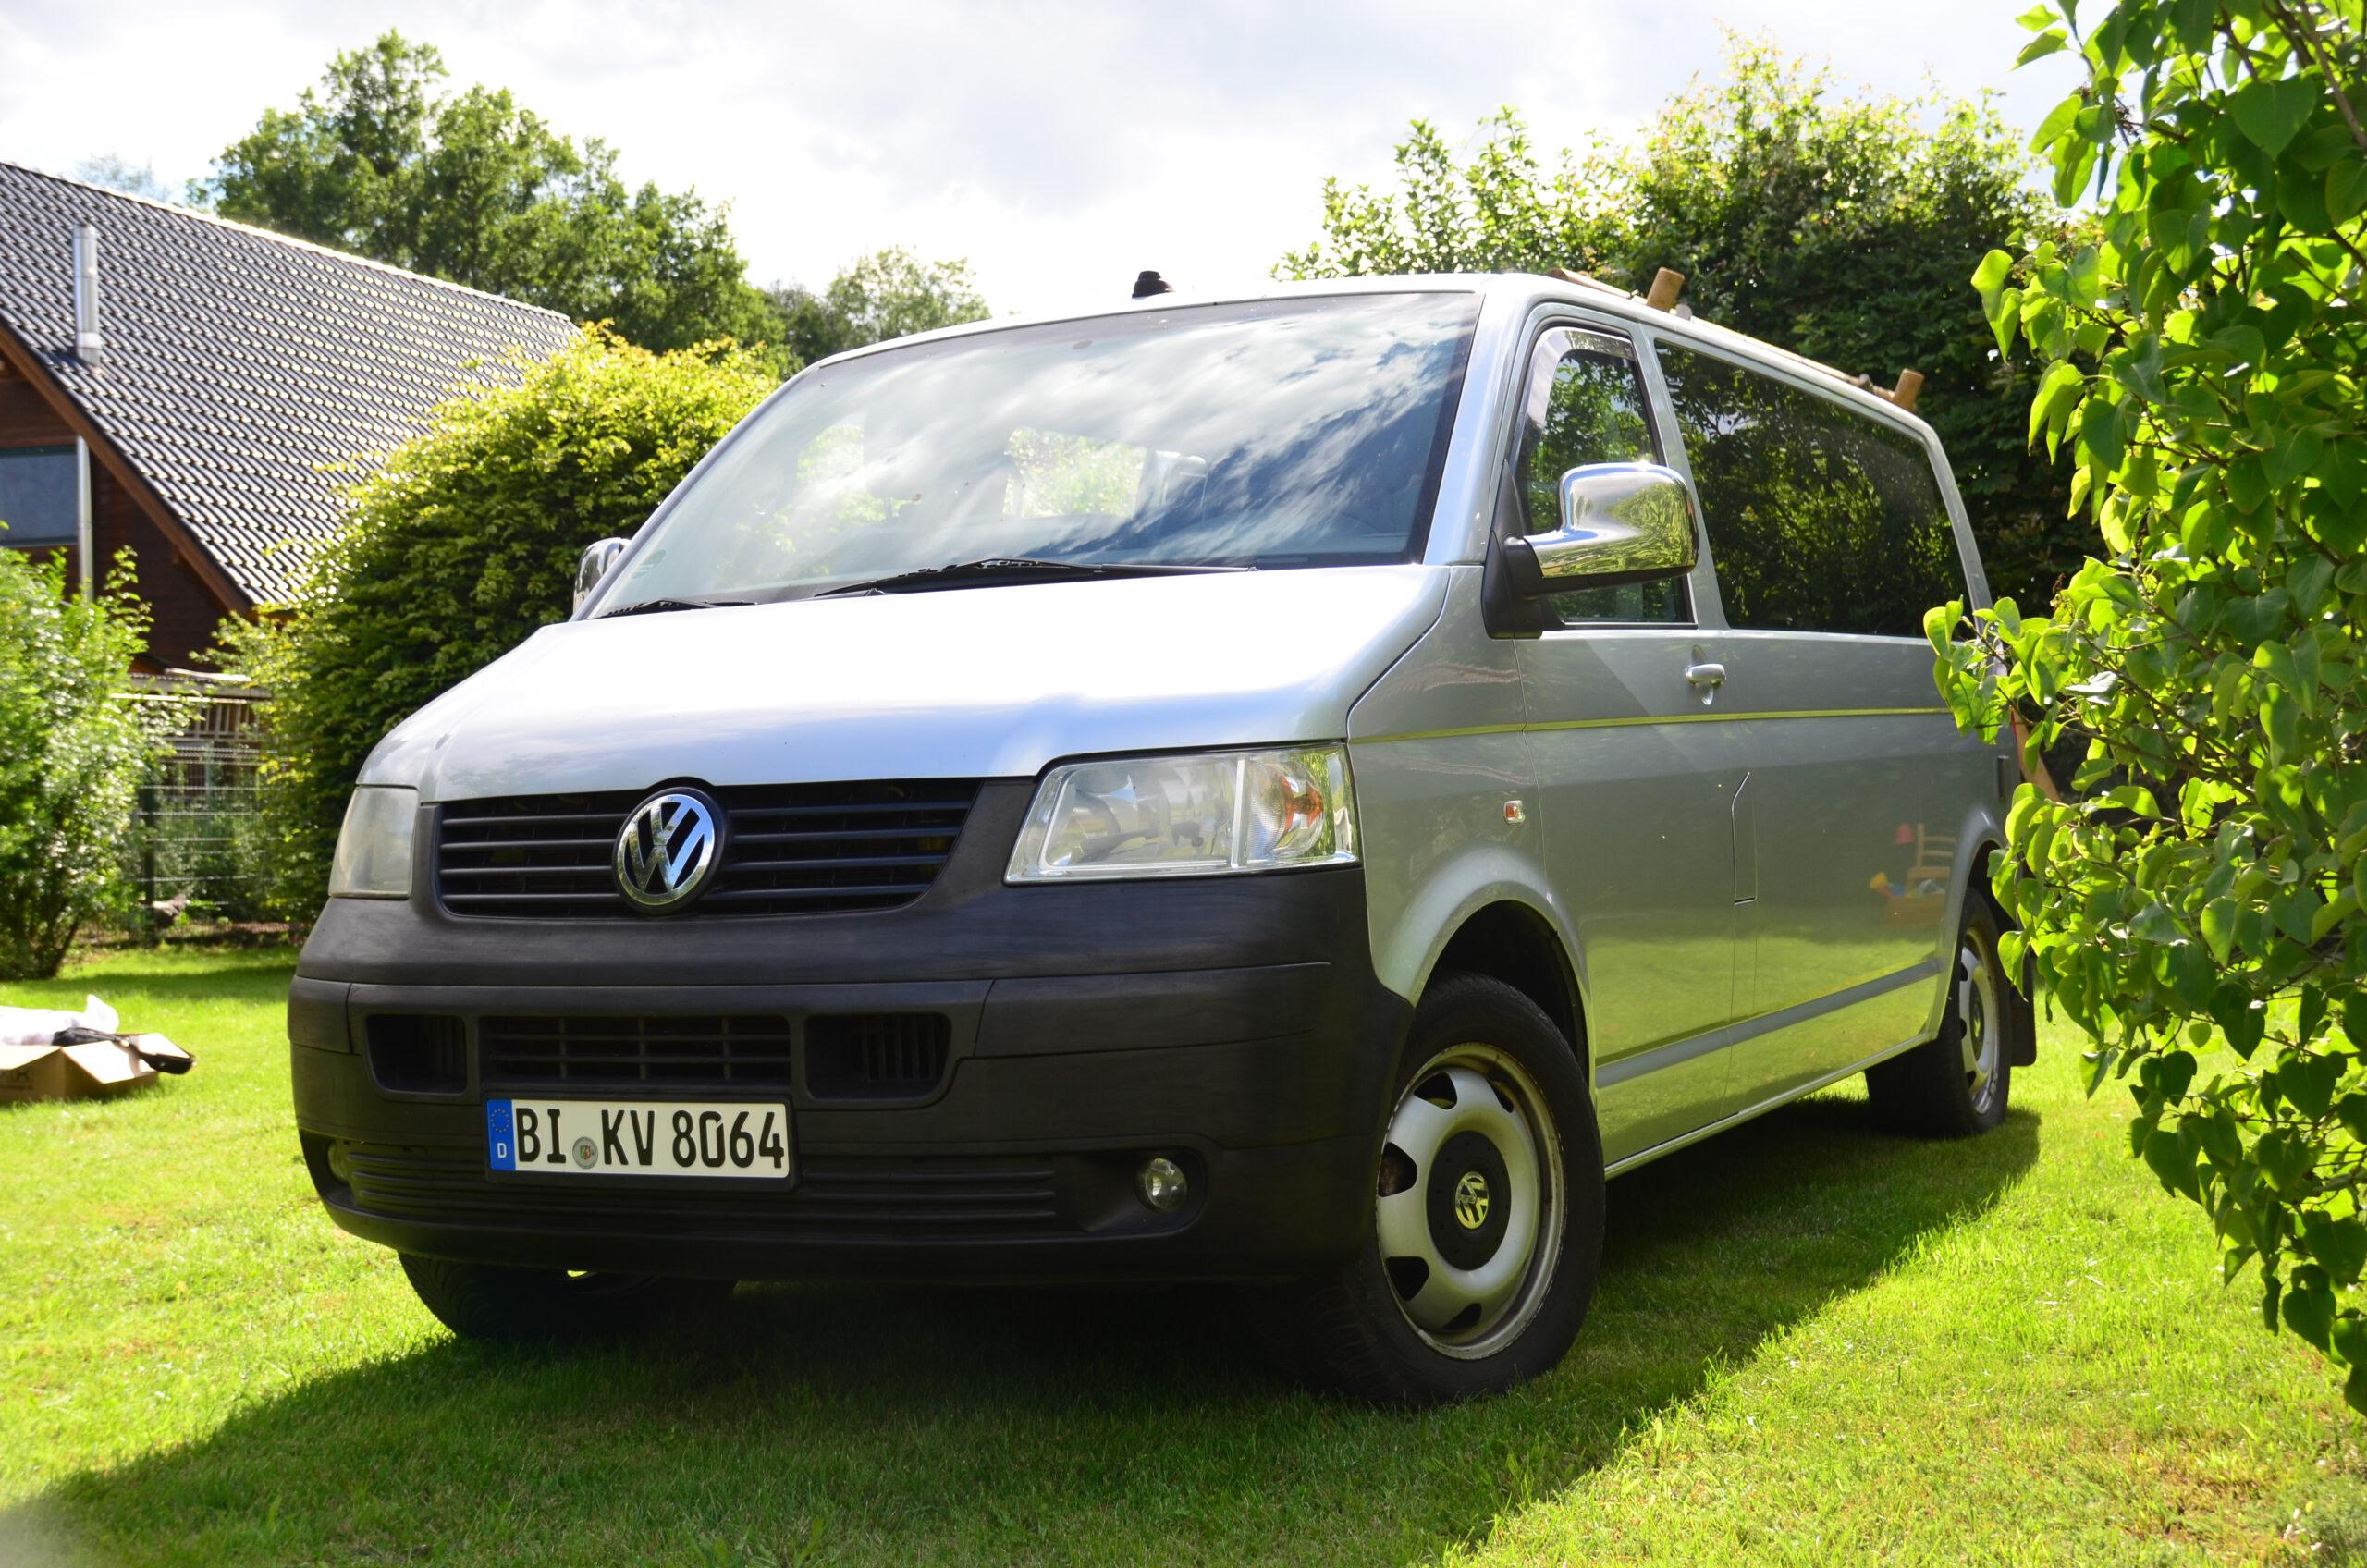 Unser Wohnmobil Le Bulli 3 kann man in Bielefeld mieten. Hier steht er in der Frontalansicht auf einem Campingplatz.